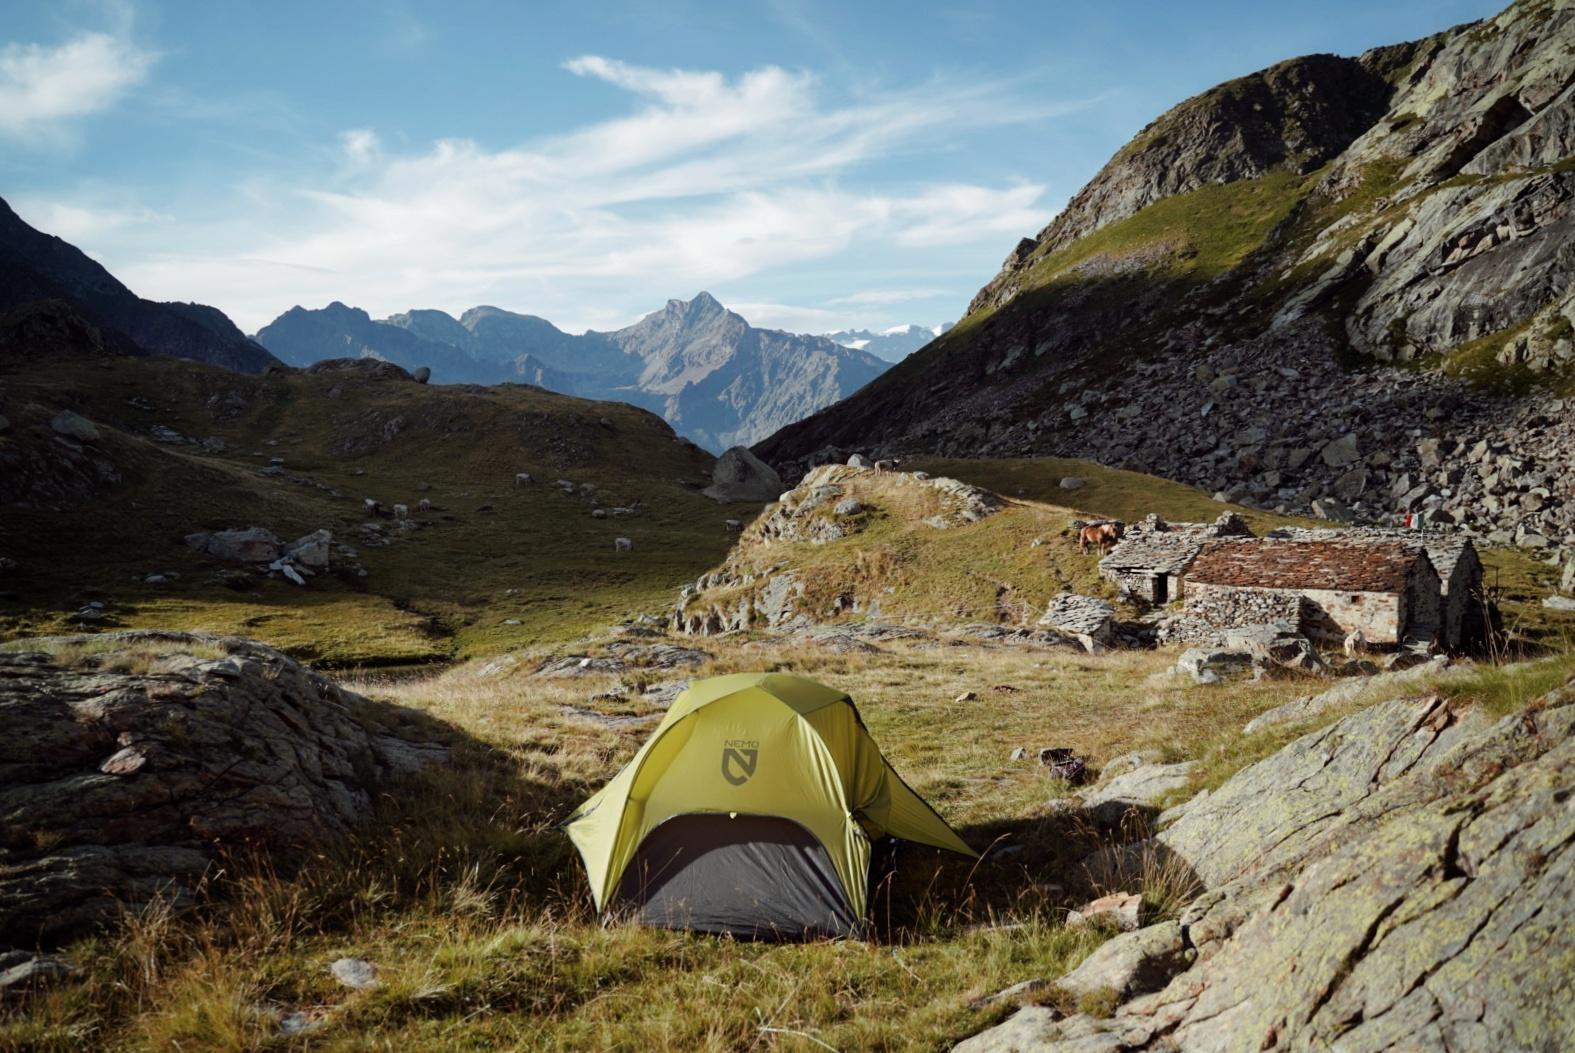 A tent in the alpine landscape of the Grande Traversata delle Alpi